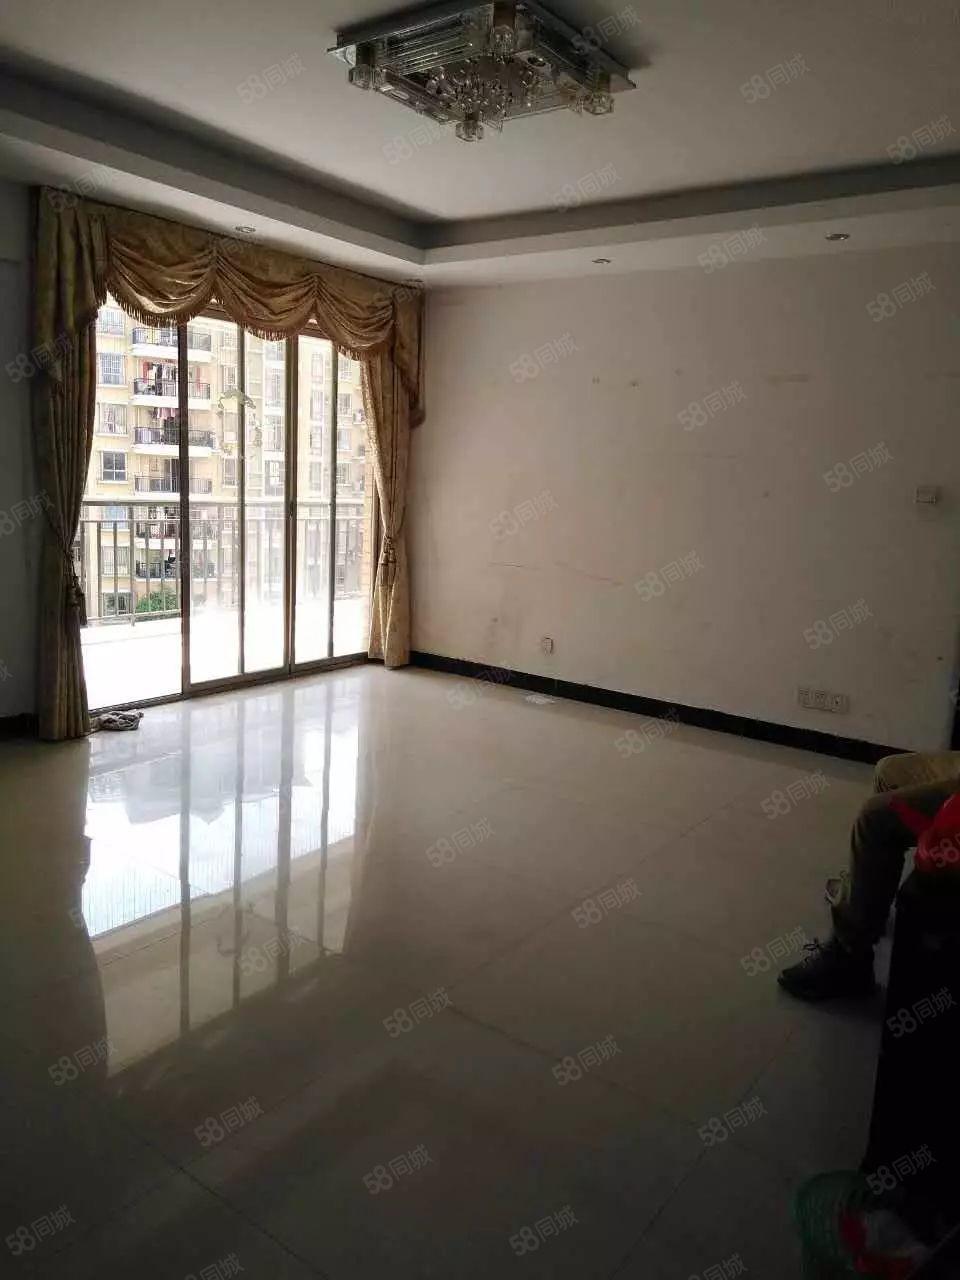 出租御景华城简单装修3房2厅,空房出租,性价比高